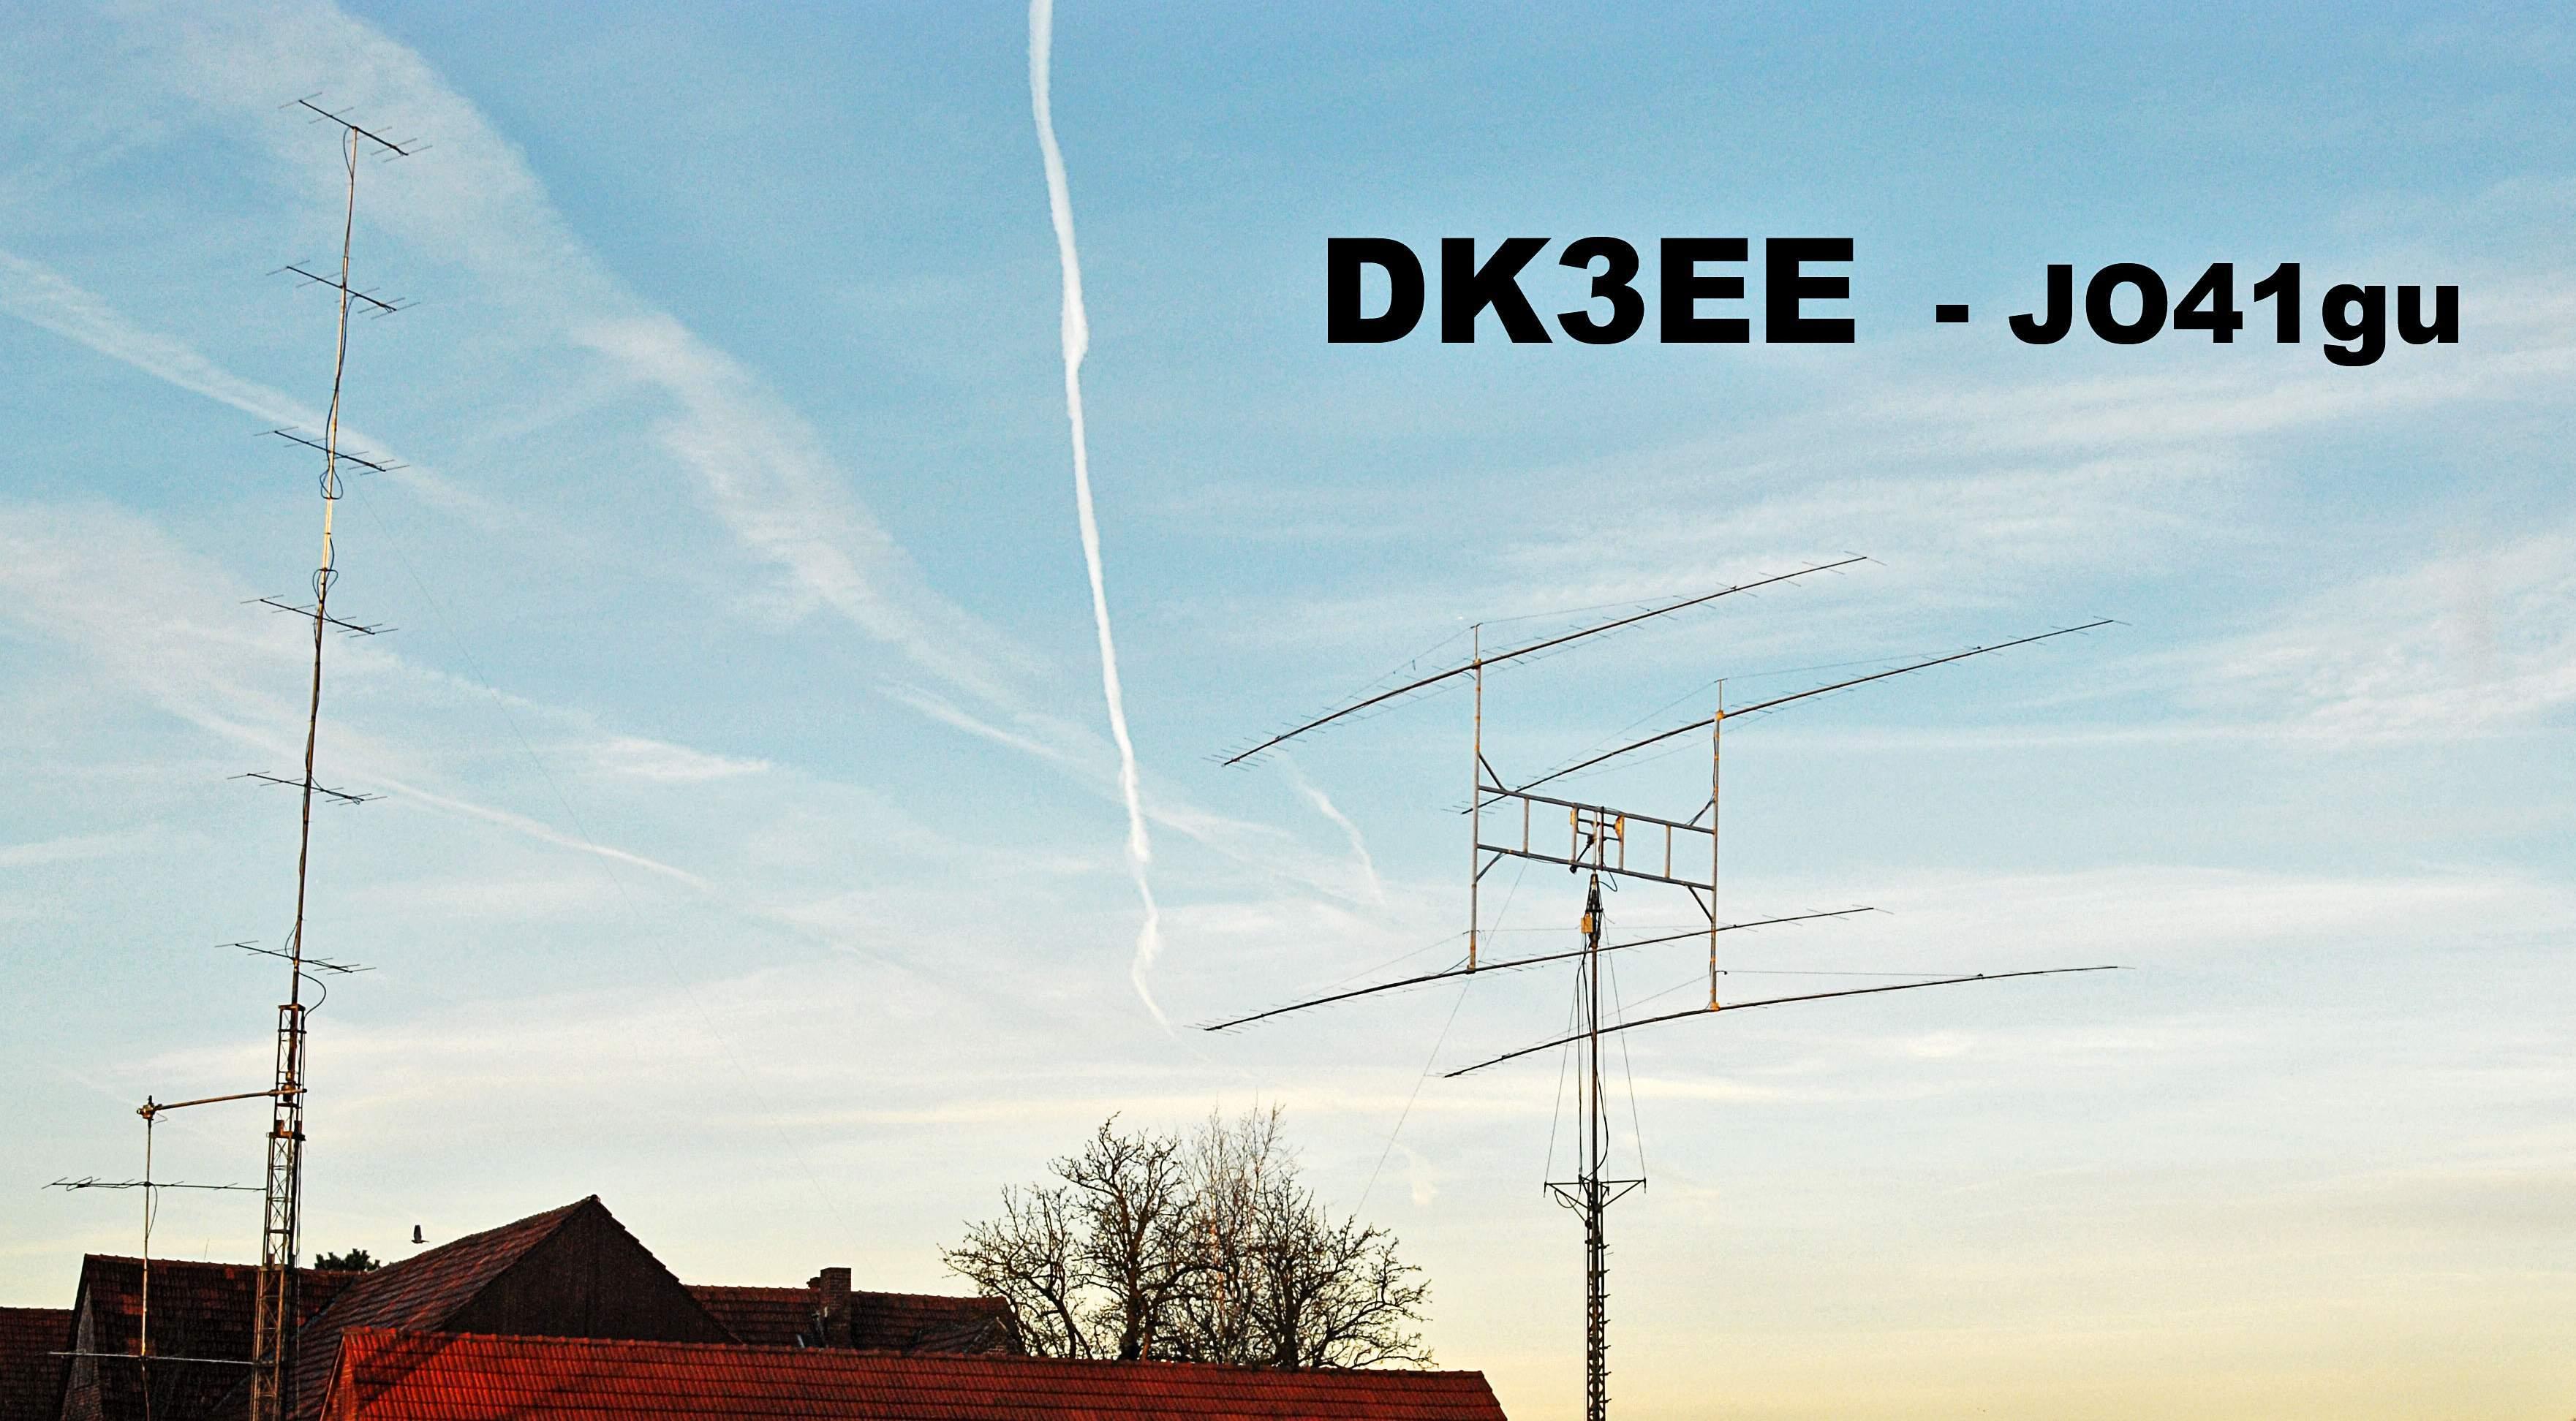 DK3EE